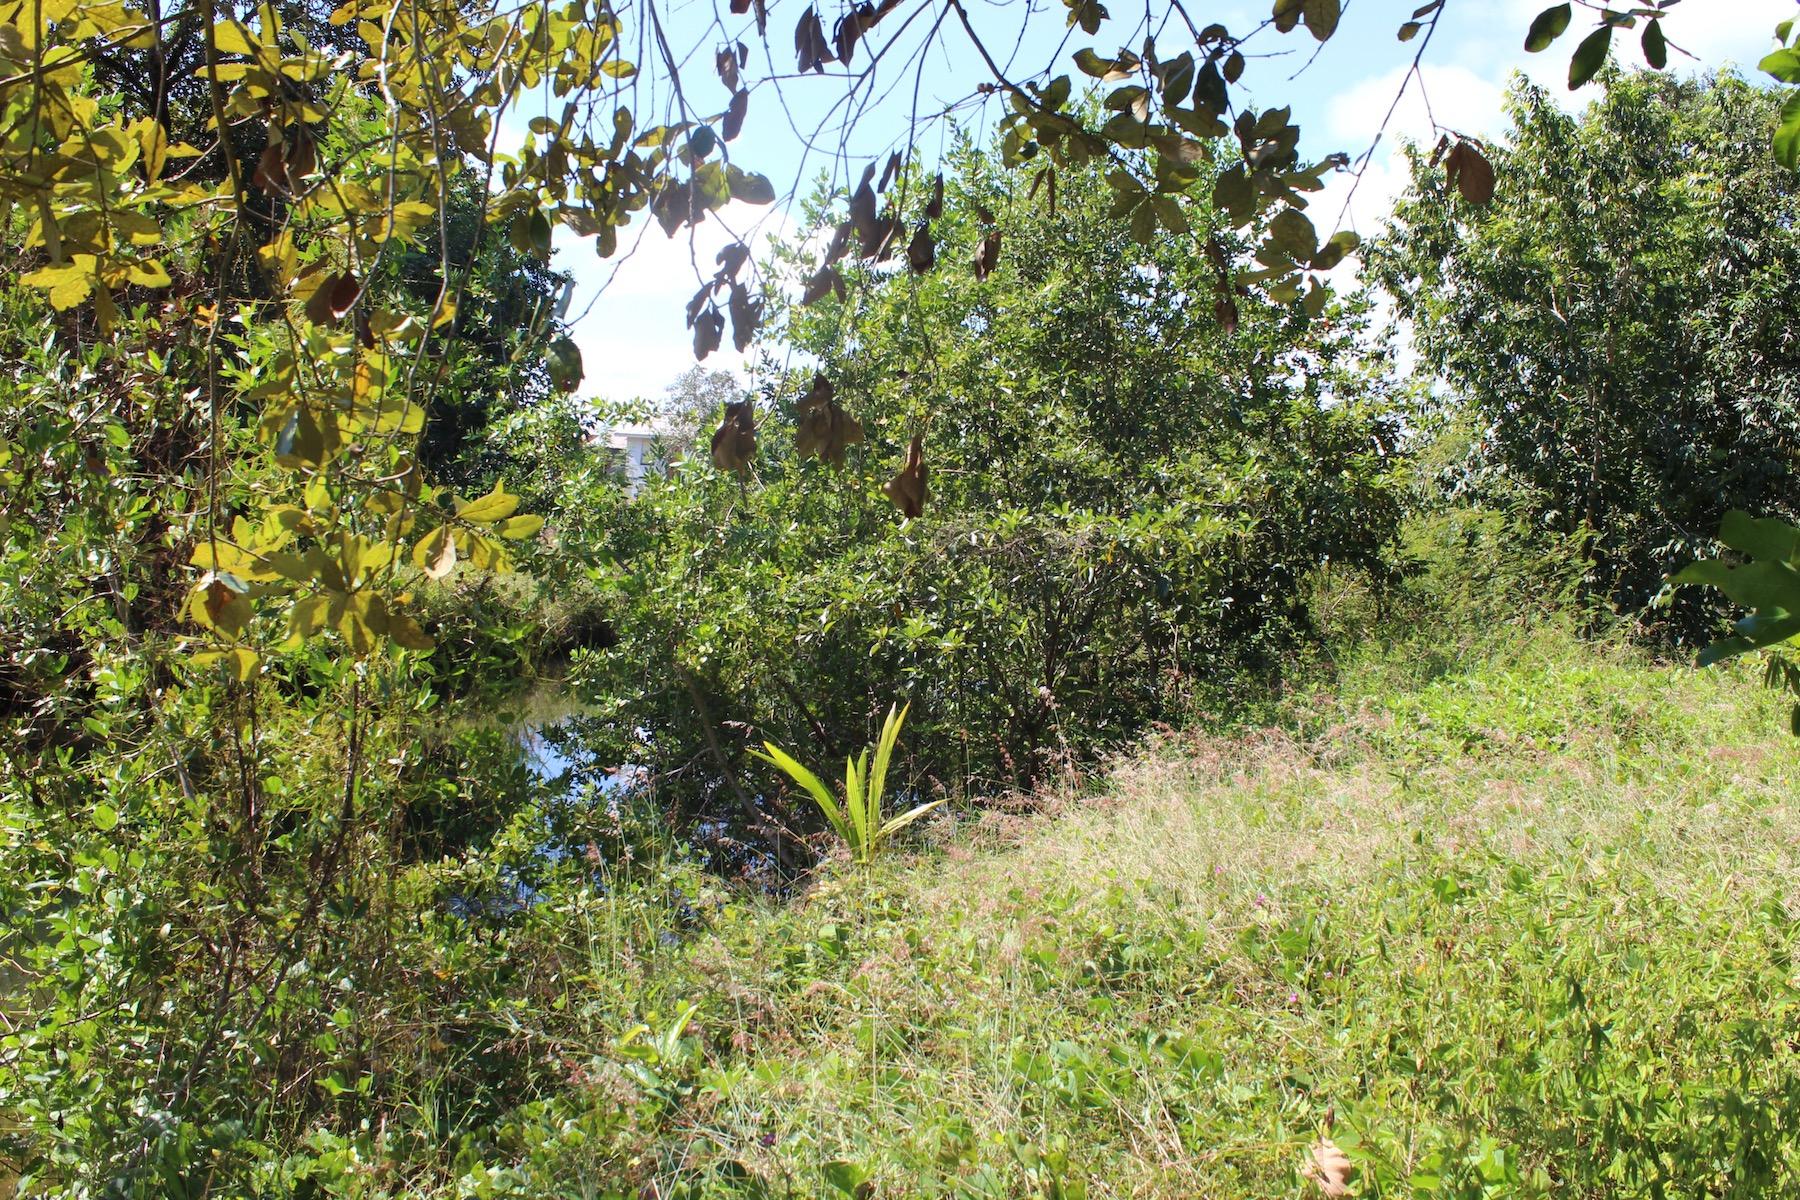 土地,用地 为 销售 在 Canal acreage 普拉圣西亚, 斯坦克里克, 伯利兹